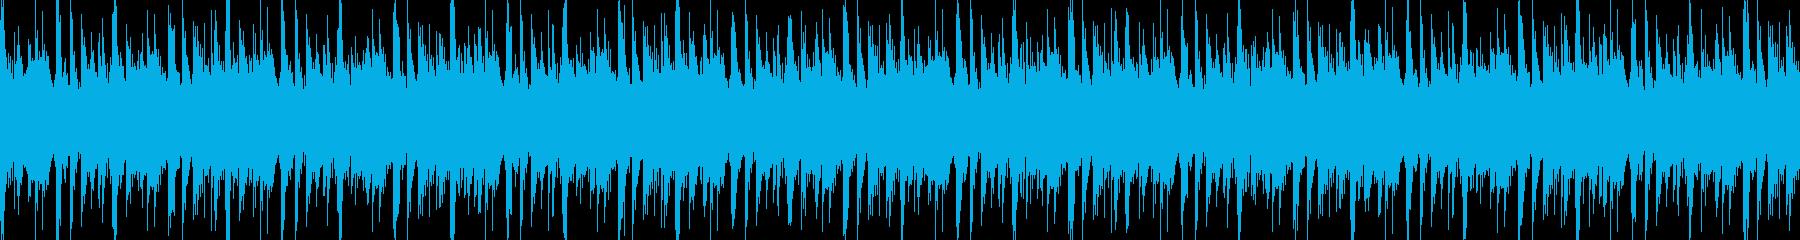 パーカッションとシンセ不気味なBGMの再生済みの波形